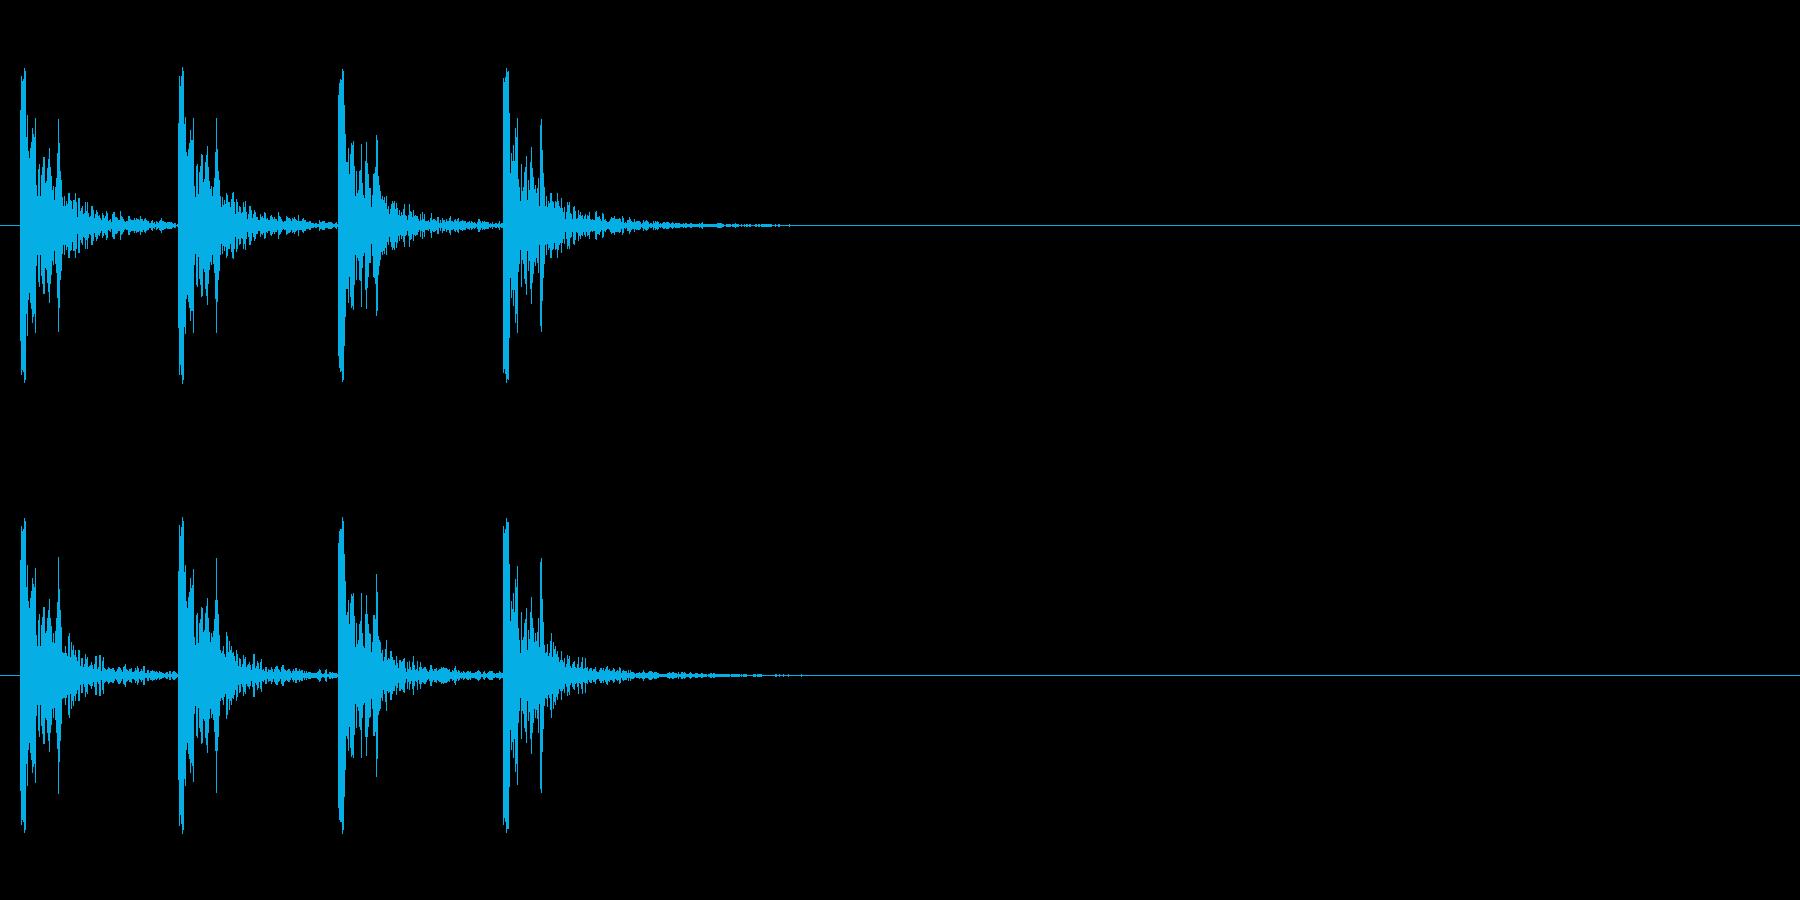 カウント音、バスドラムの再生済みの波形